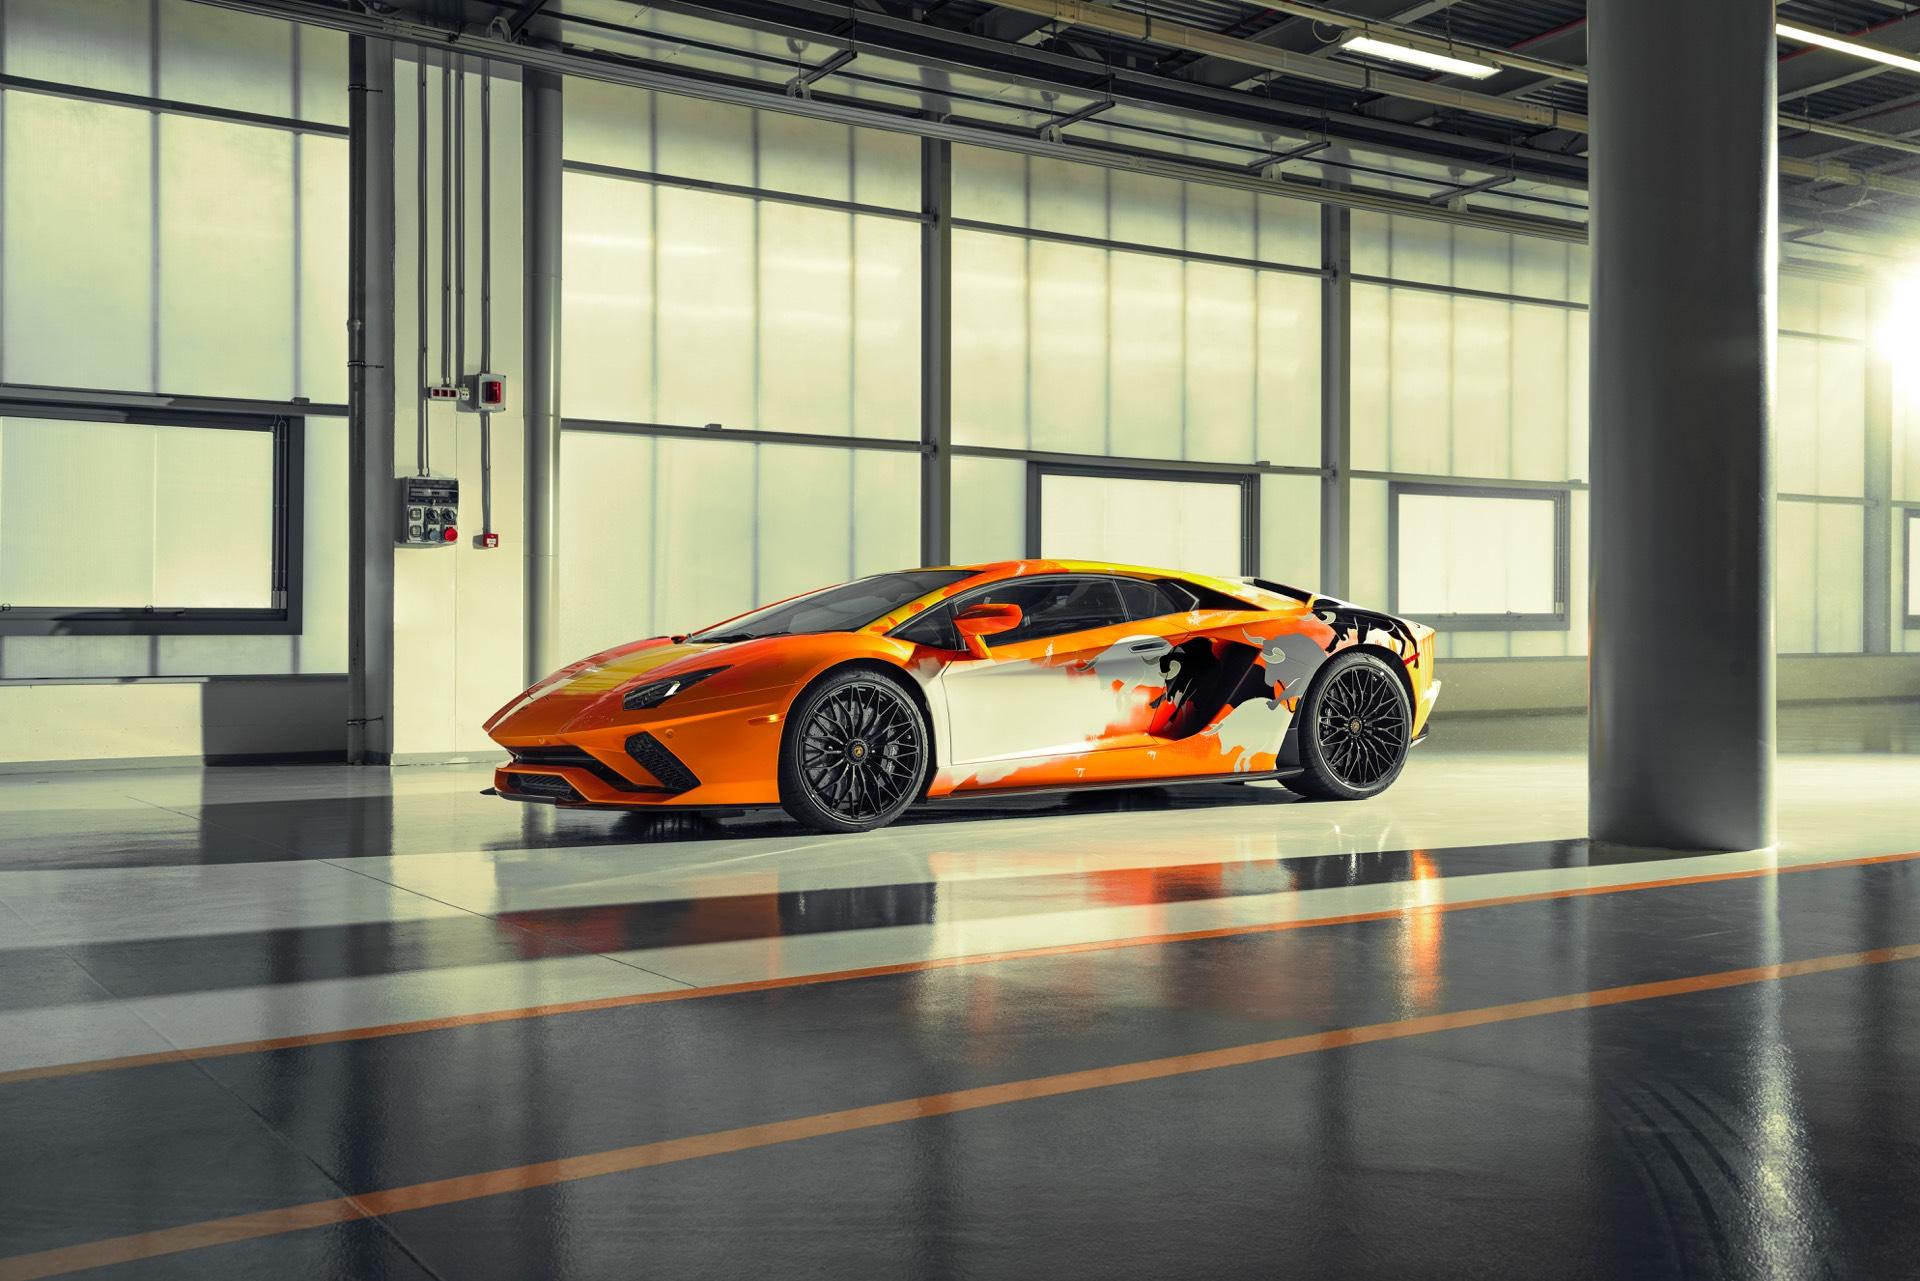 Skyler-Grey-Lamborghini-Aventador-S-Art-Car23